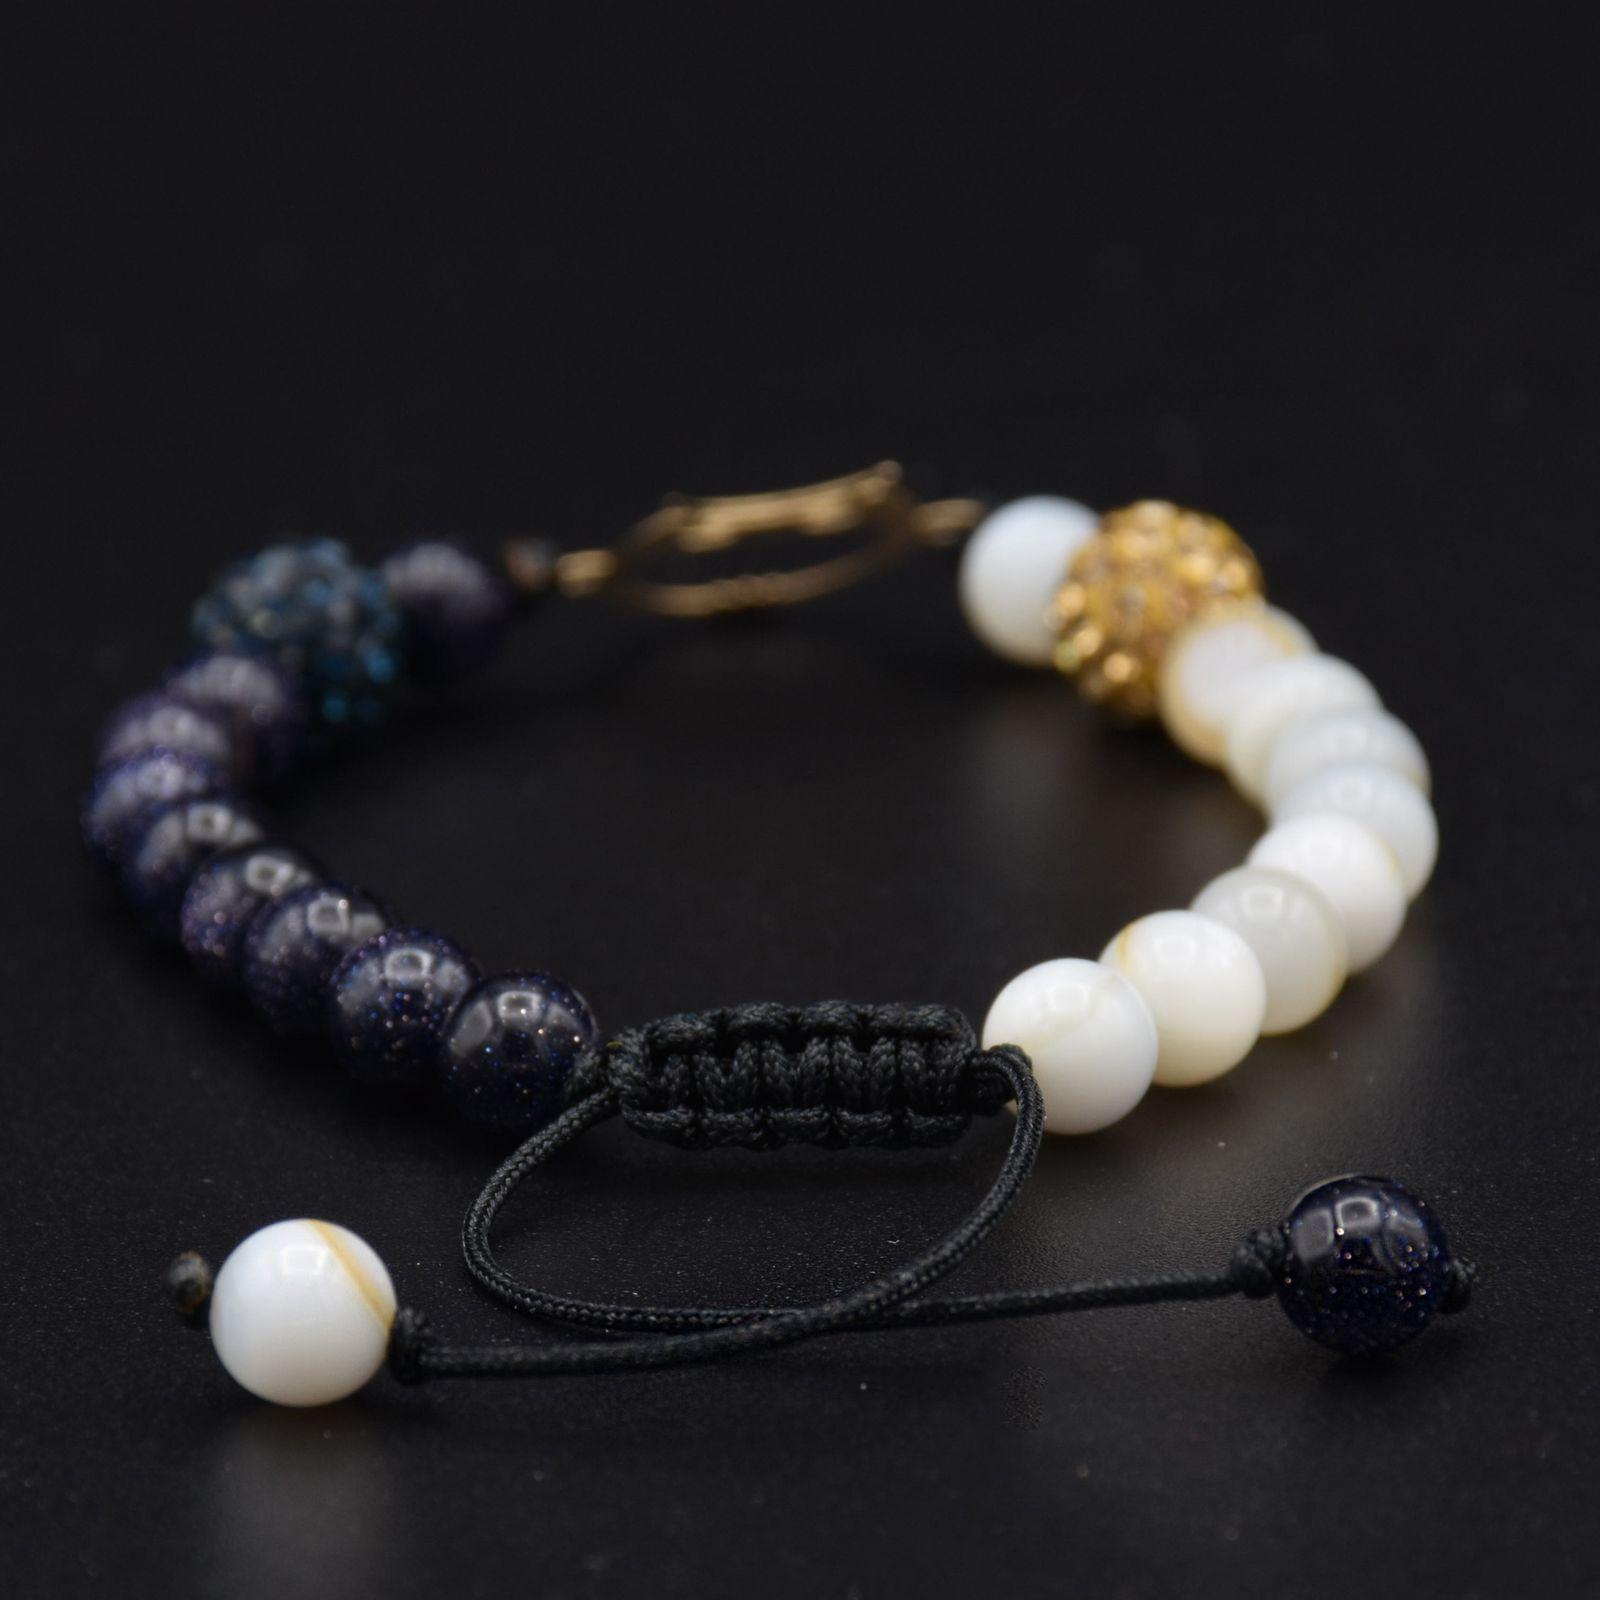 دستبند طلا 18 عیار زنانه آمانژ طرح جغد کد 943D8897 -  - 4